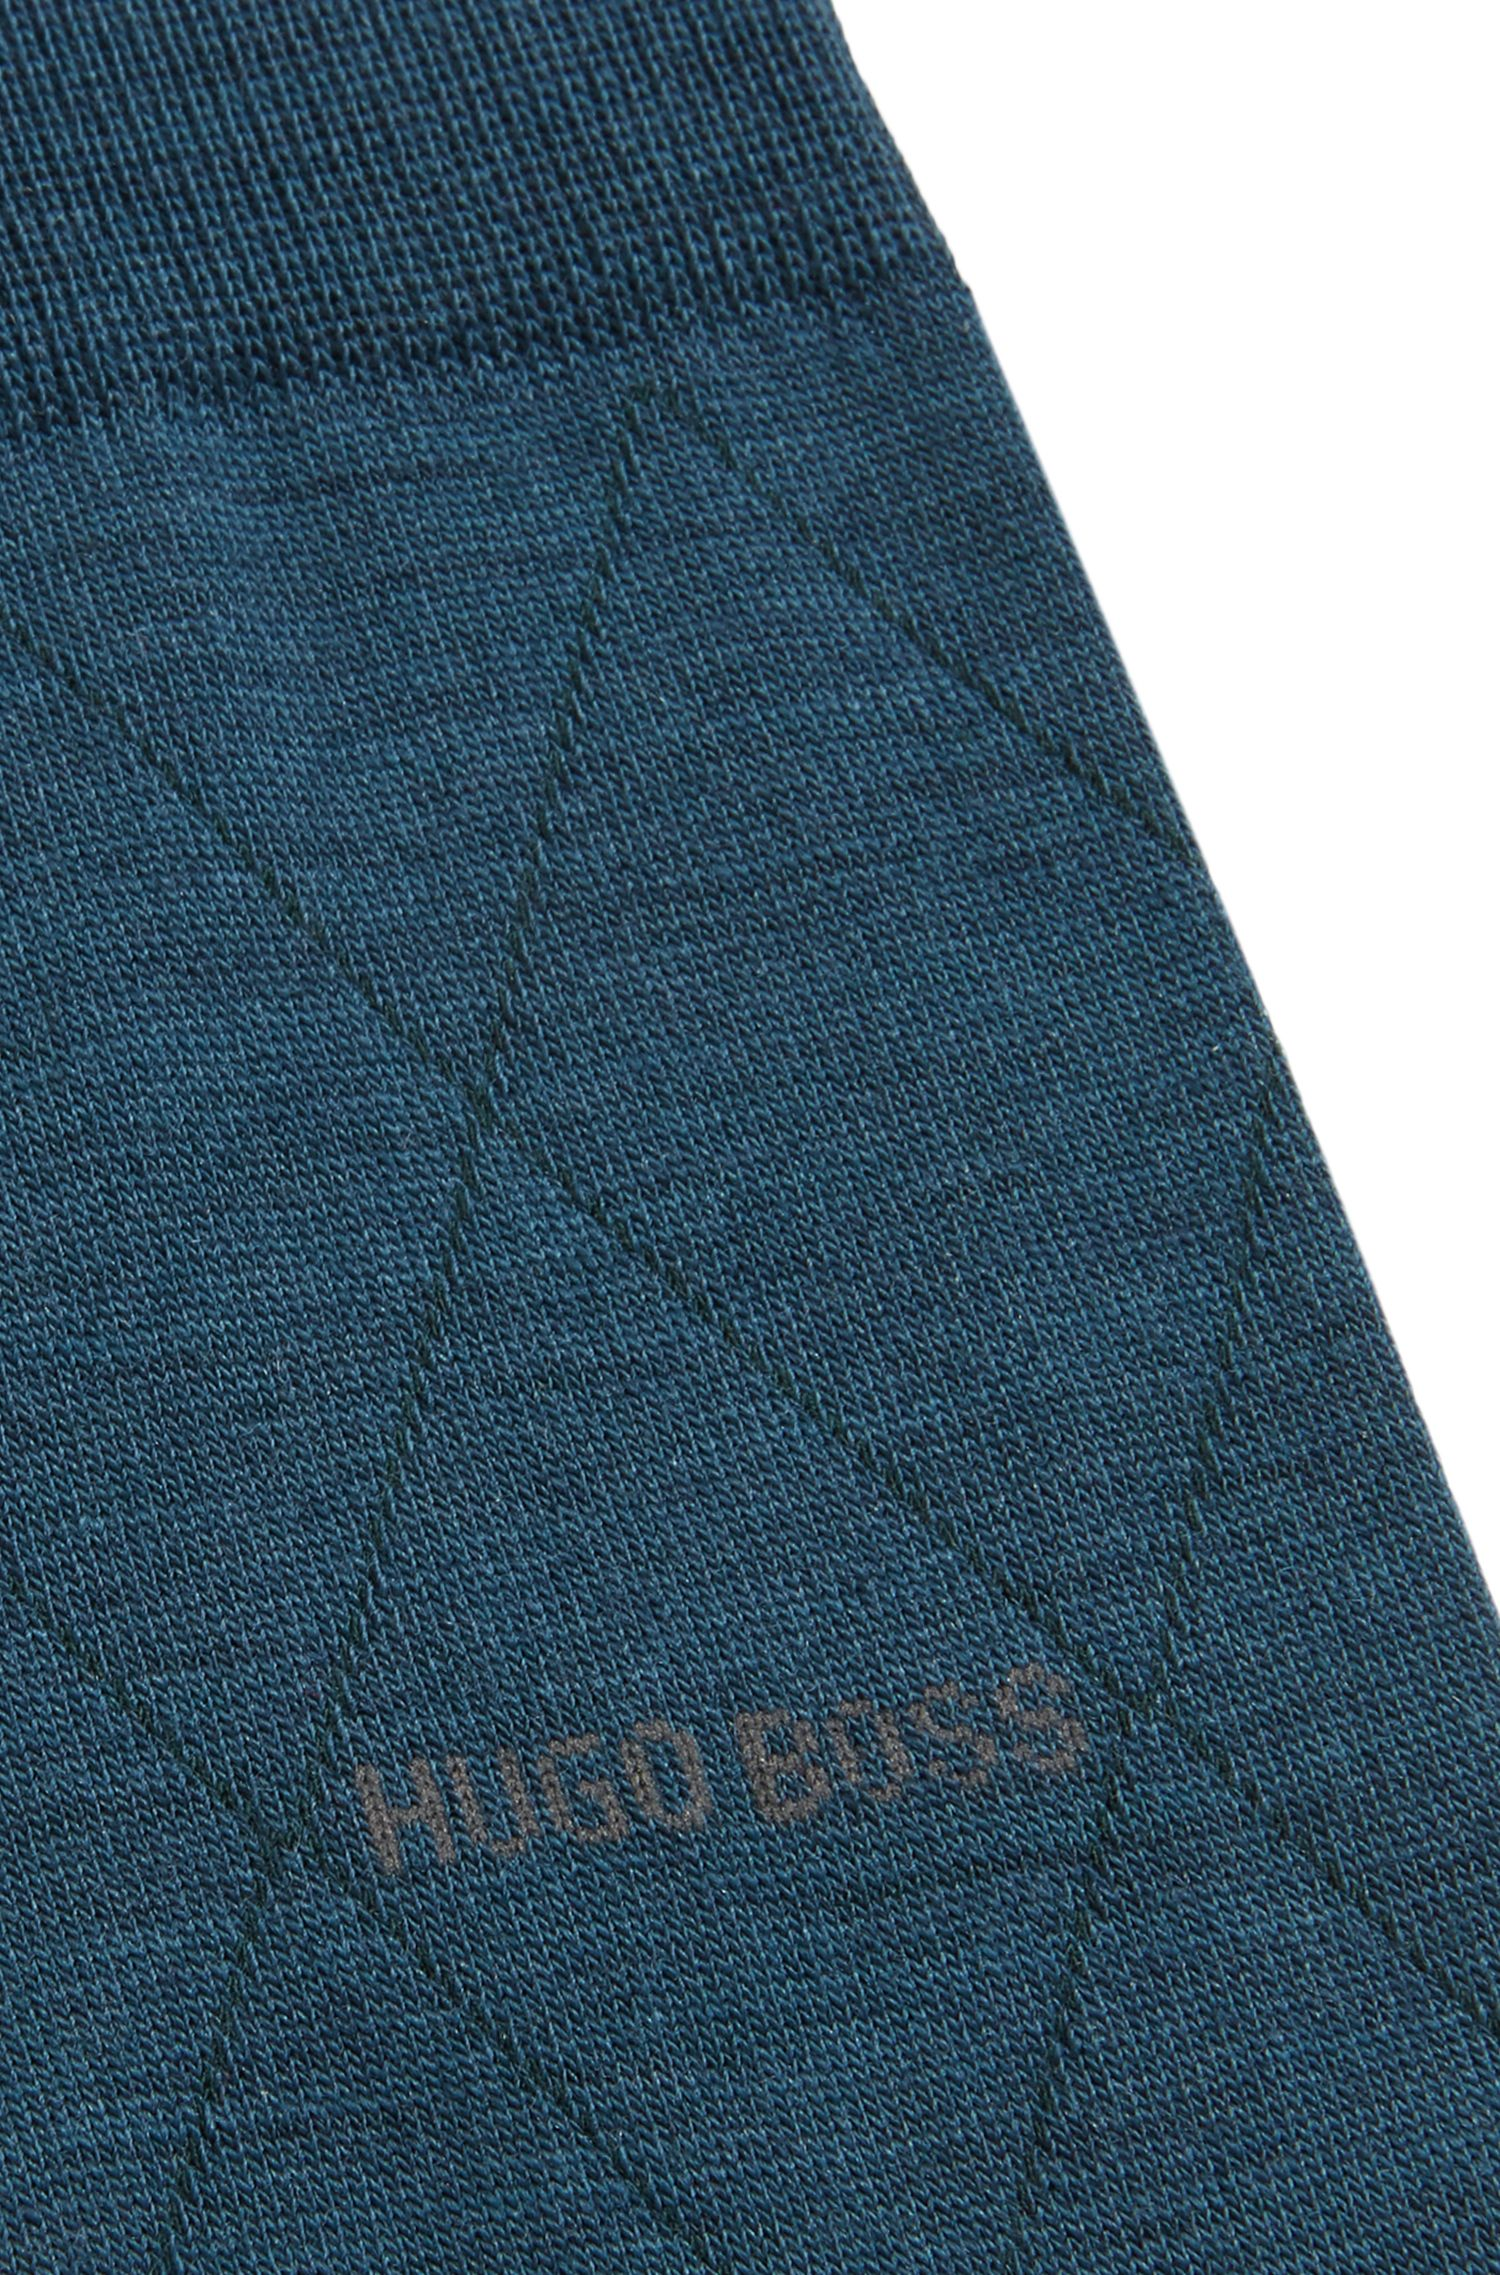 Calze leggere in misto lana elasticizzato